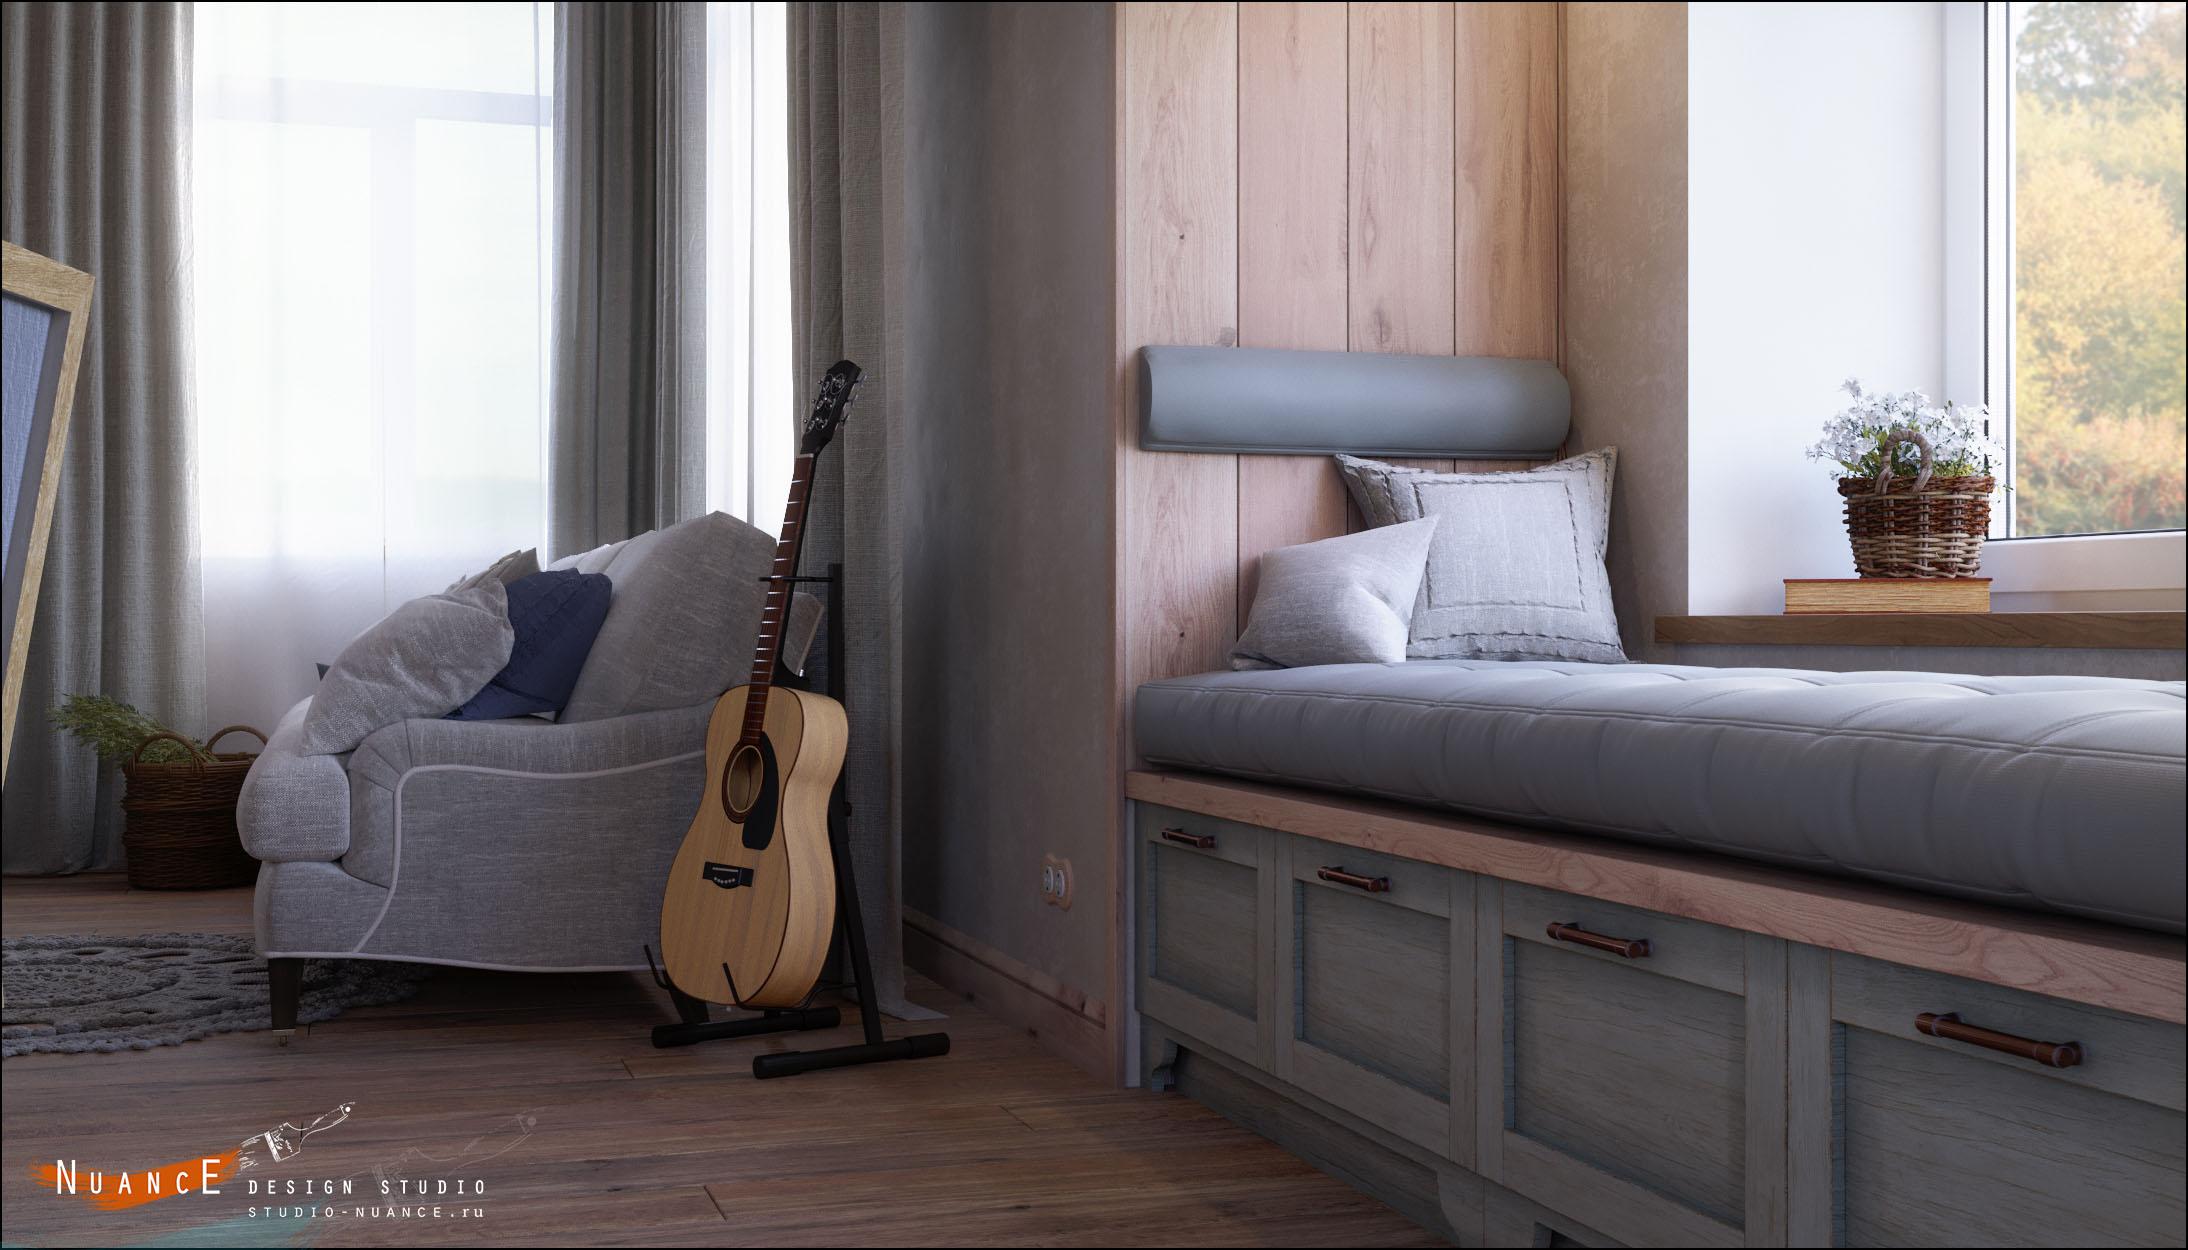 заказать дизайн интерьера гостиной комнаты стиль прованс кантри лофт